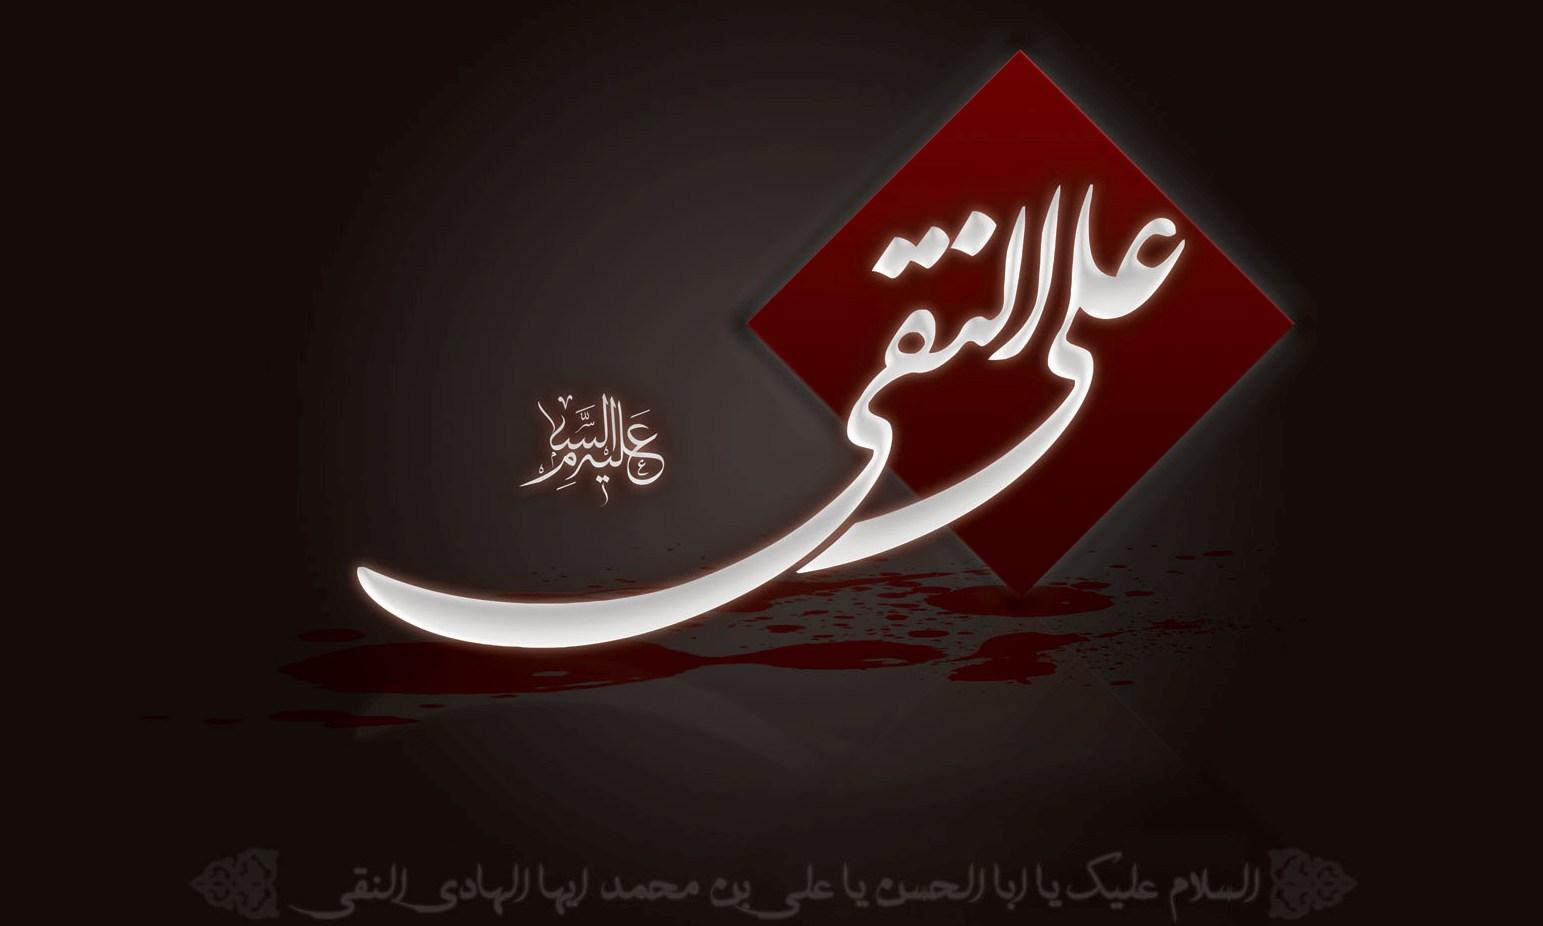 کراماتی از امام هادی (علیه السلام) که عبدالرحمان اصفهانی را شیعه کرد